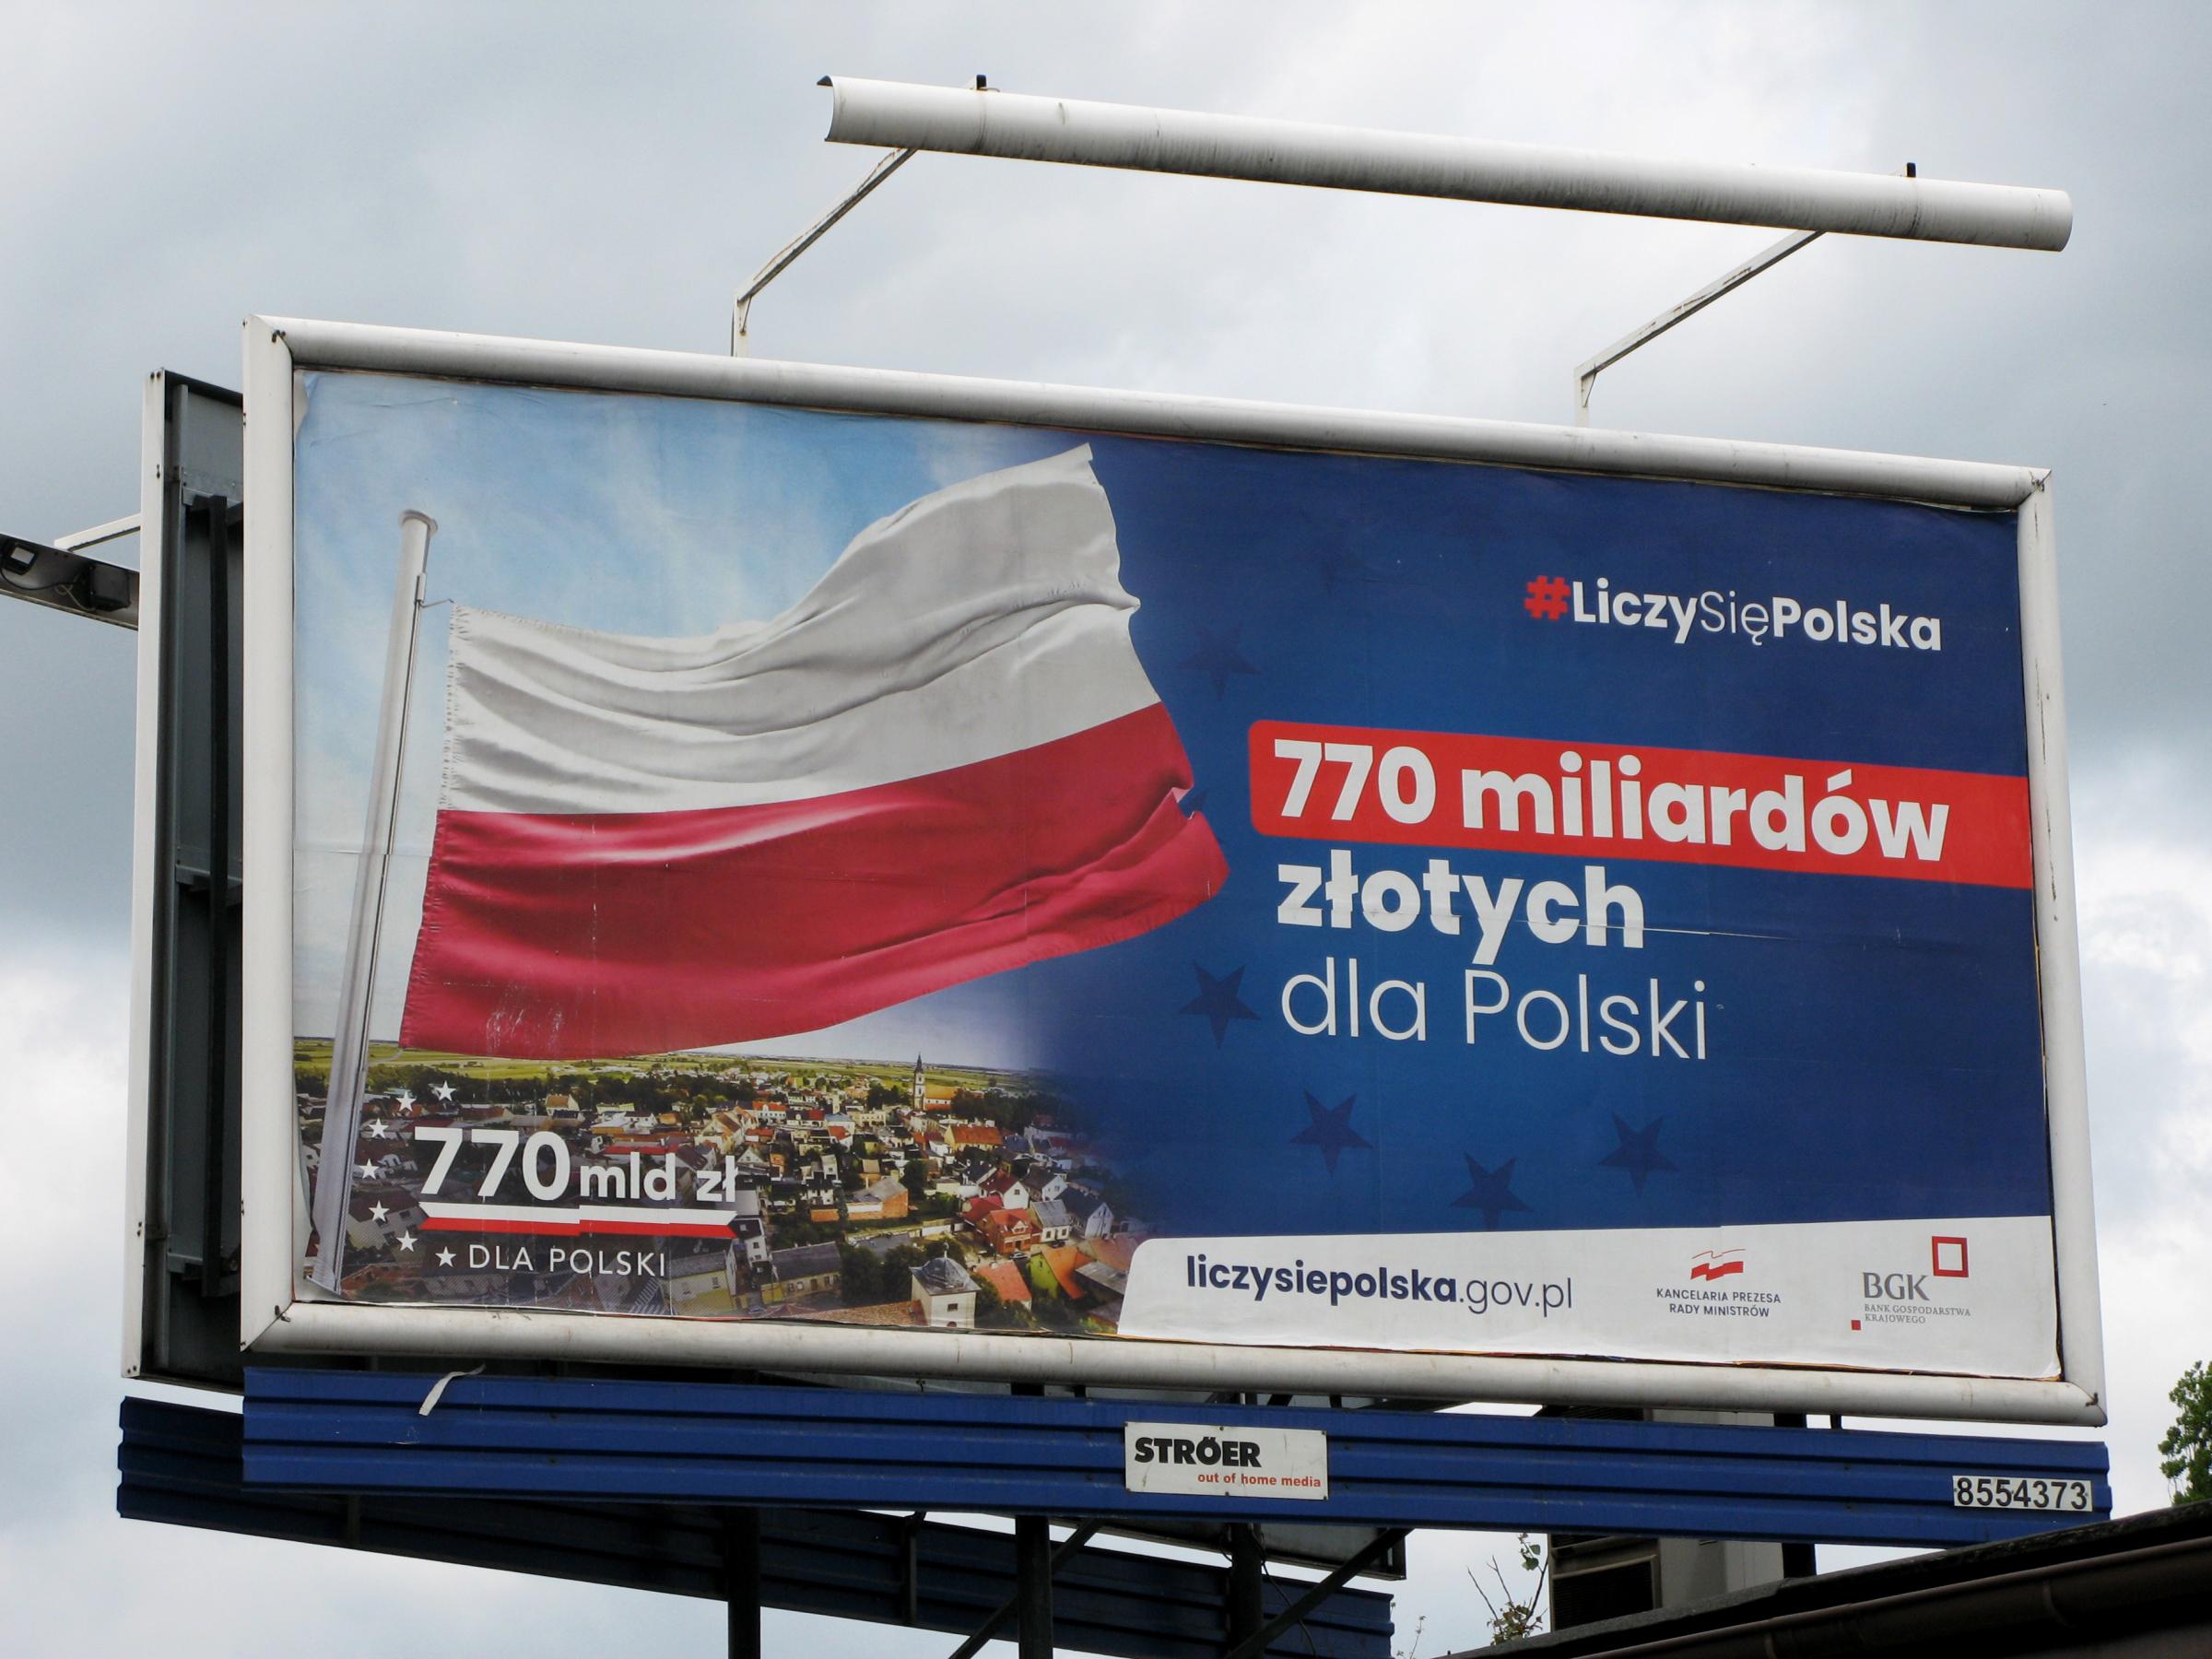 Jedna z wersji layoutu reklamowego kampanii #LiczySięPolska